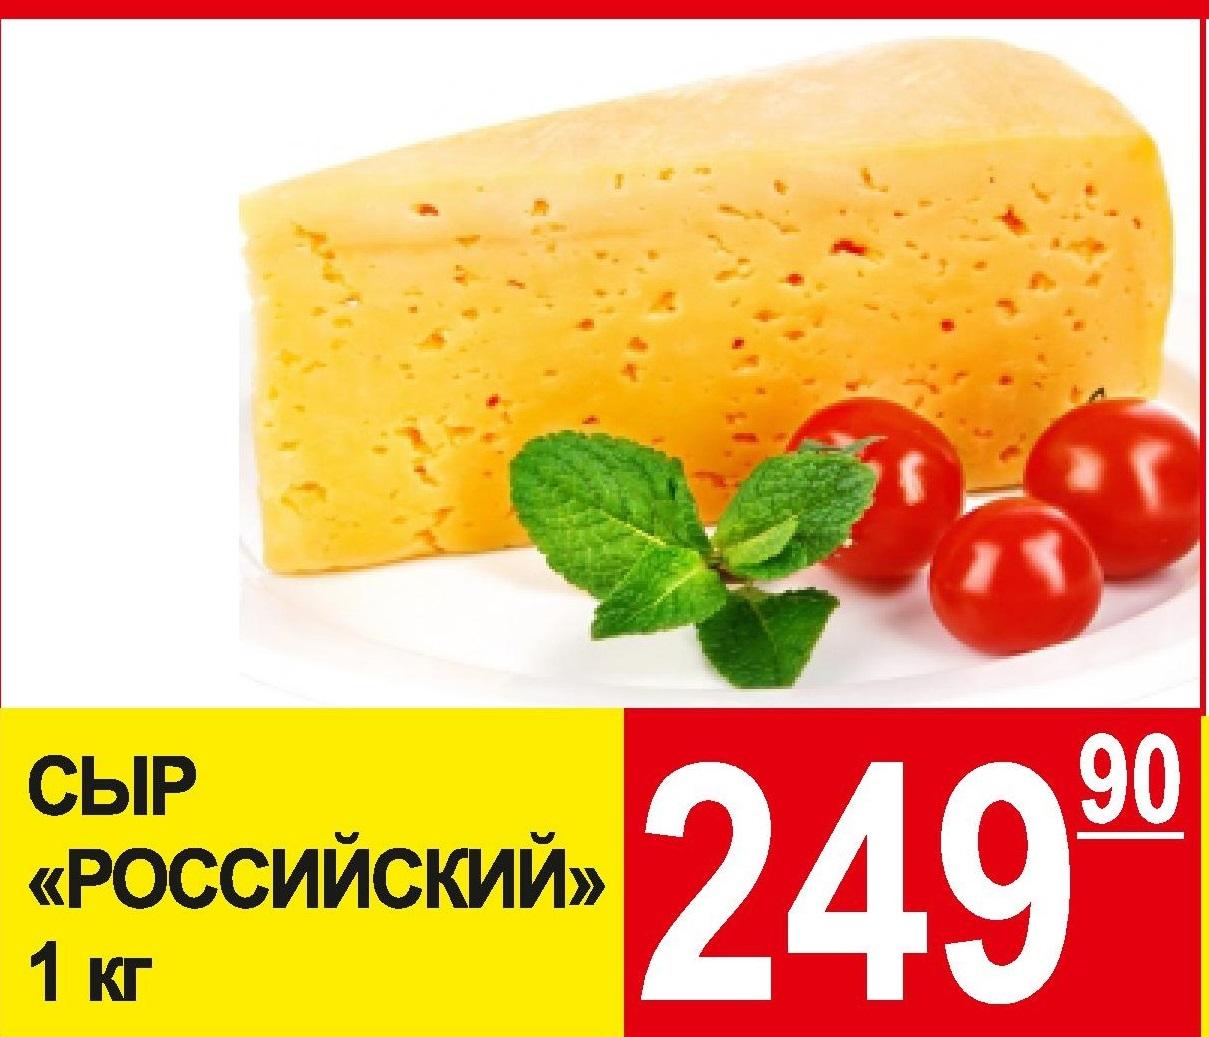 Сыр Российский 50%